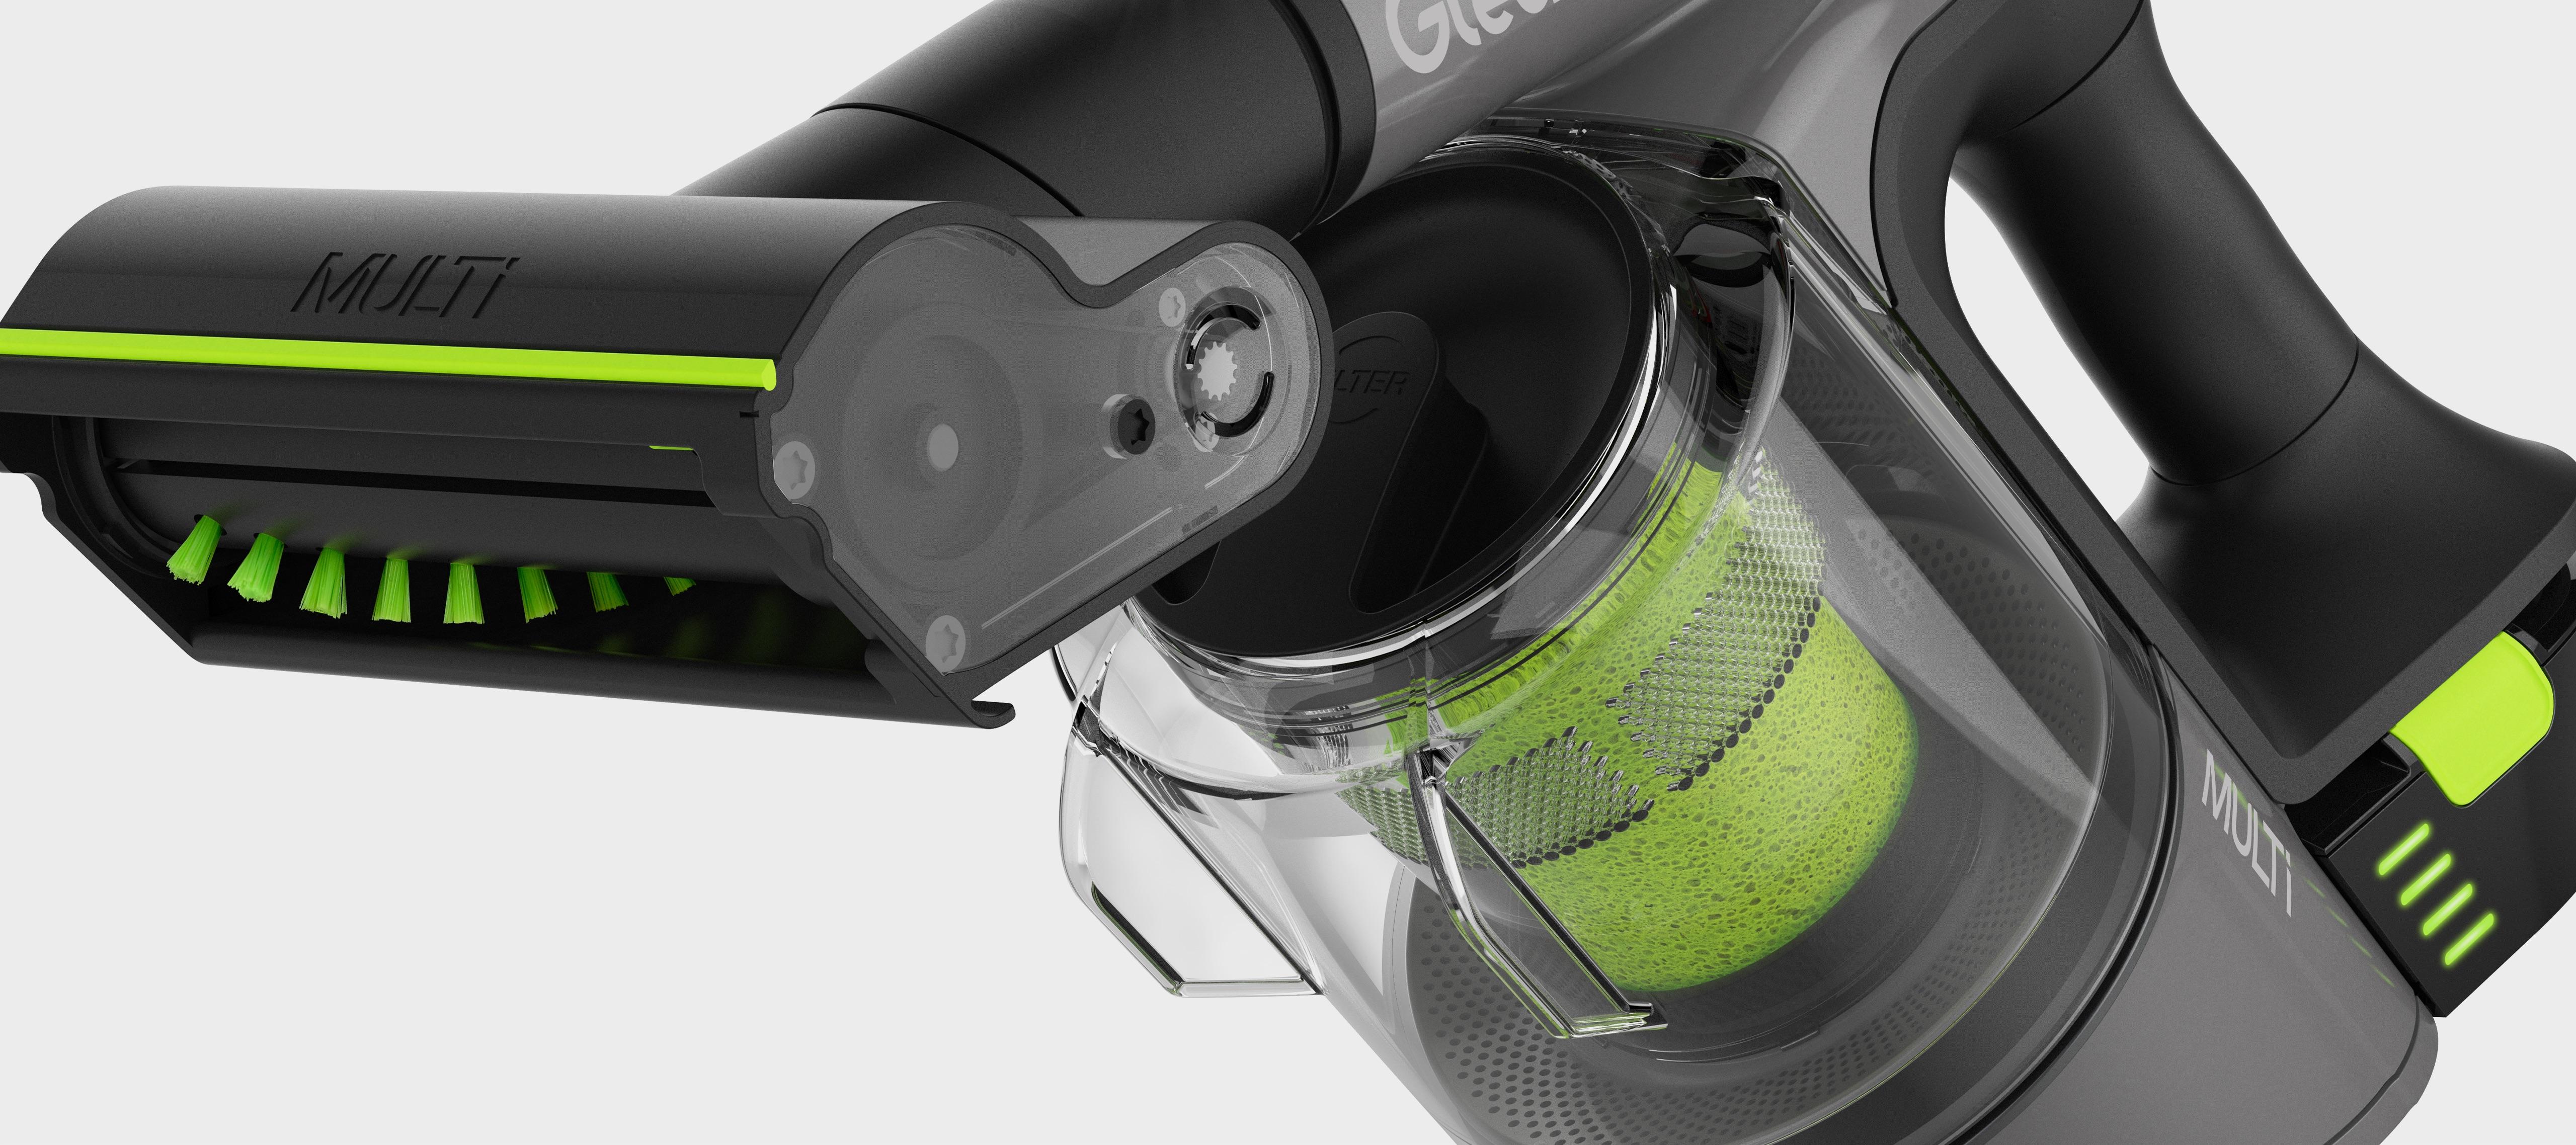 Multi handheld cordless vacuum cleaner